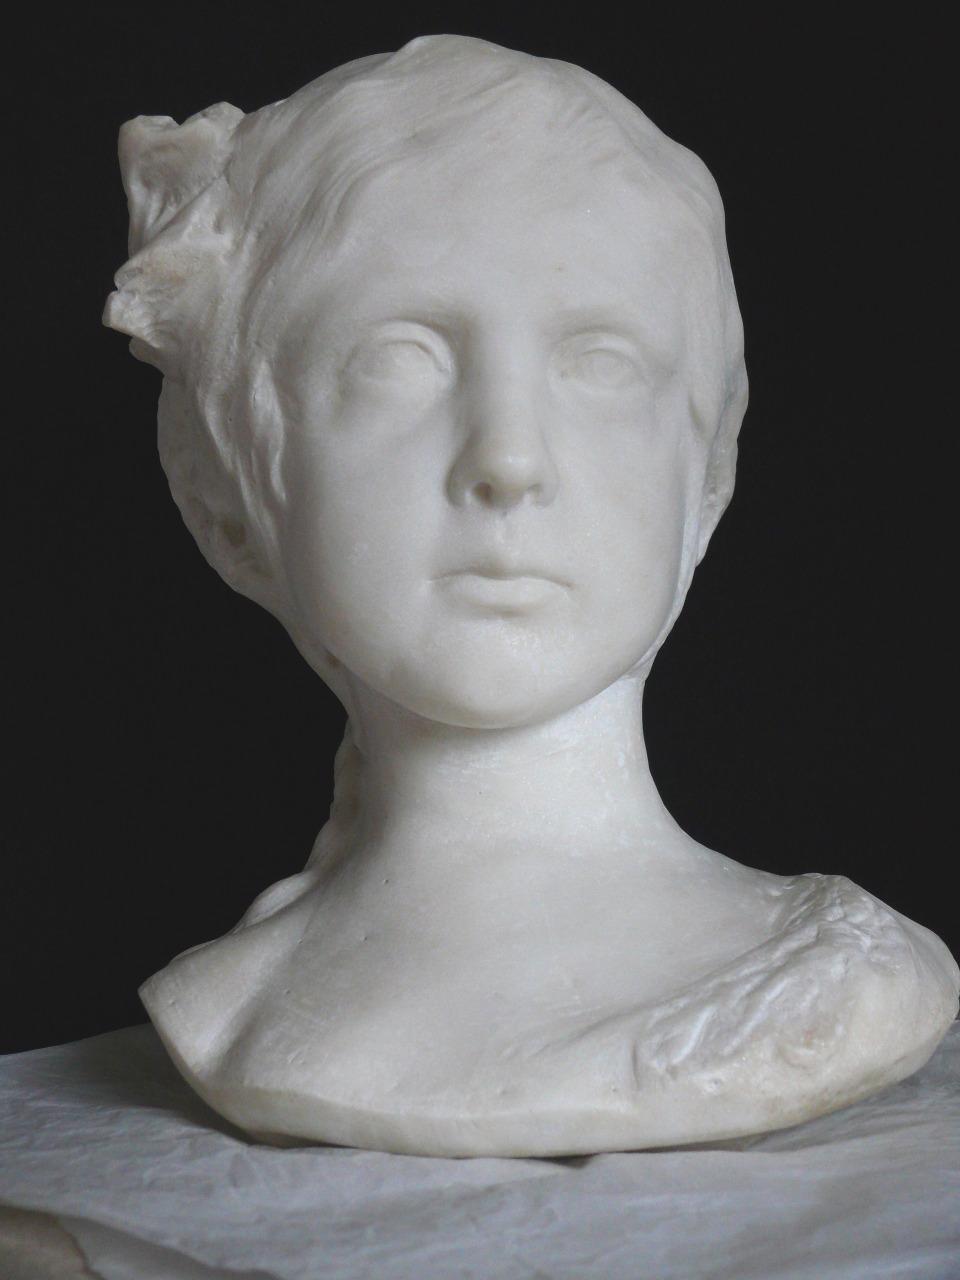 Busto in marmo raffigurante Elisabeth Chaplin, recentemente restaurato